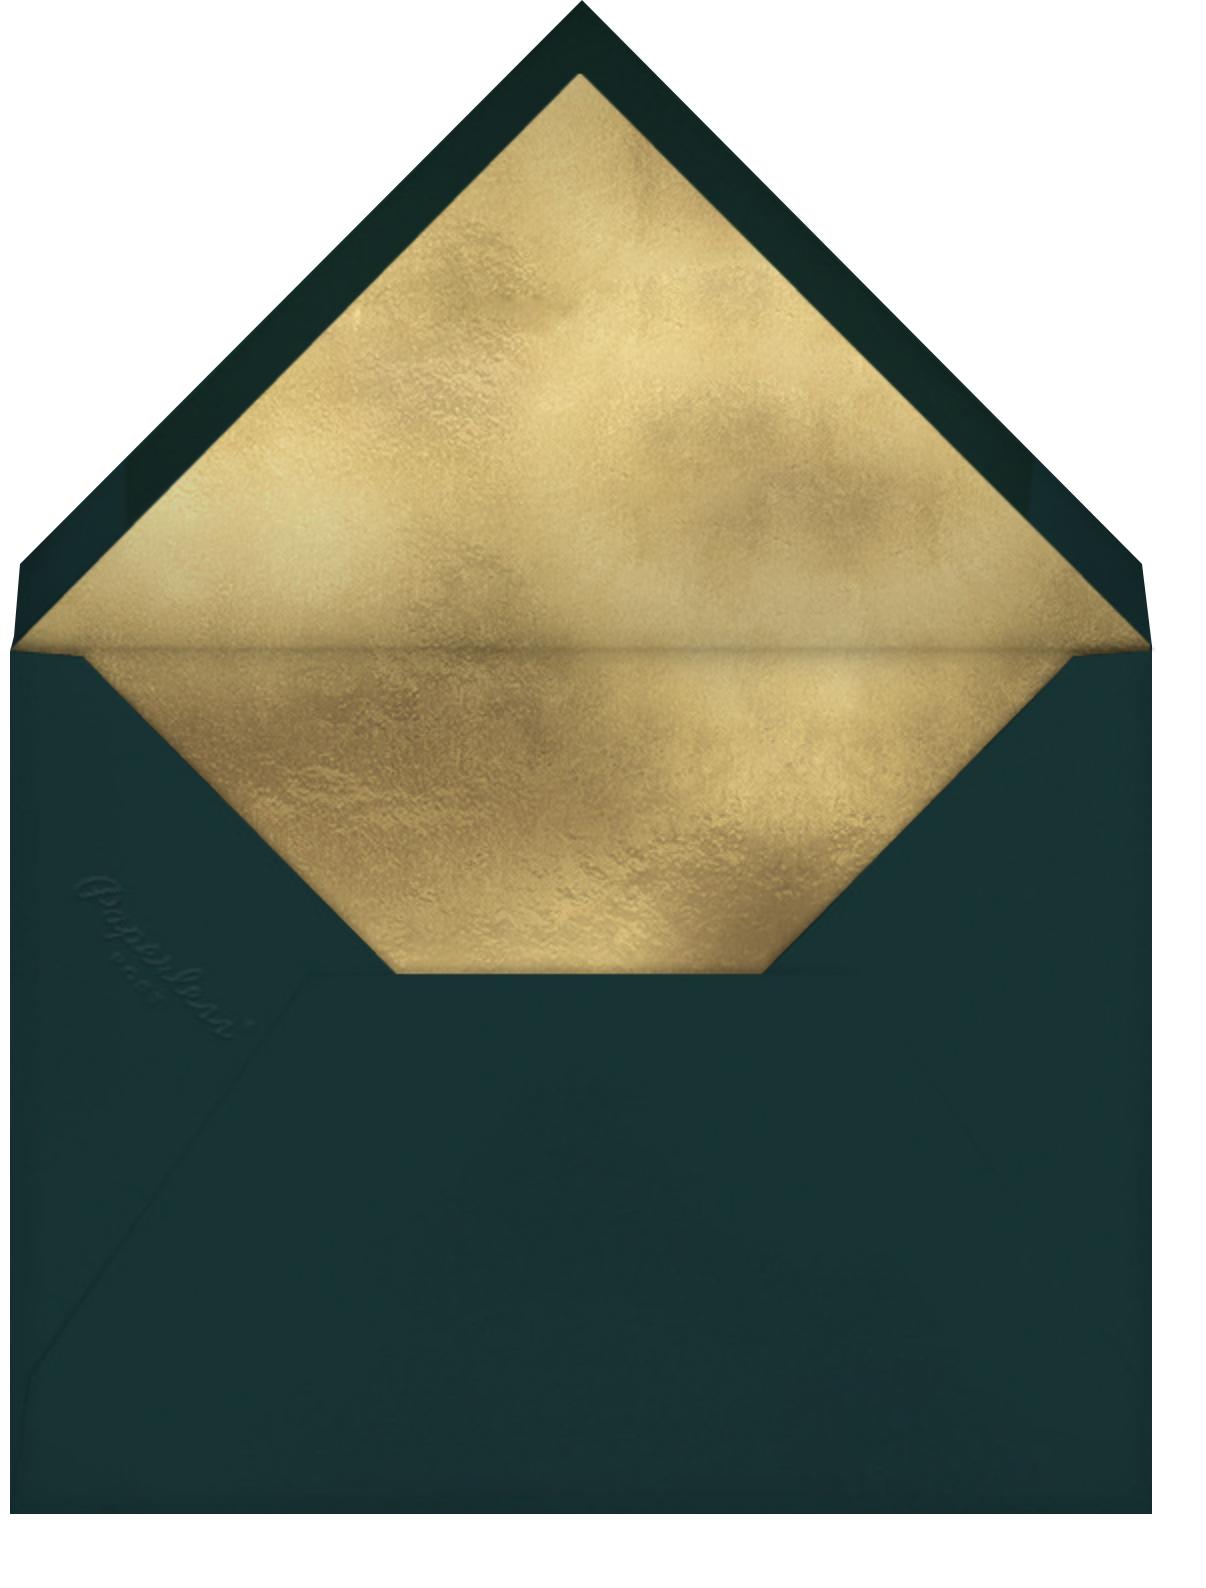 Joyful Moments - White - Paperless Post - Envelope